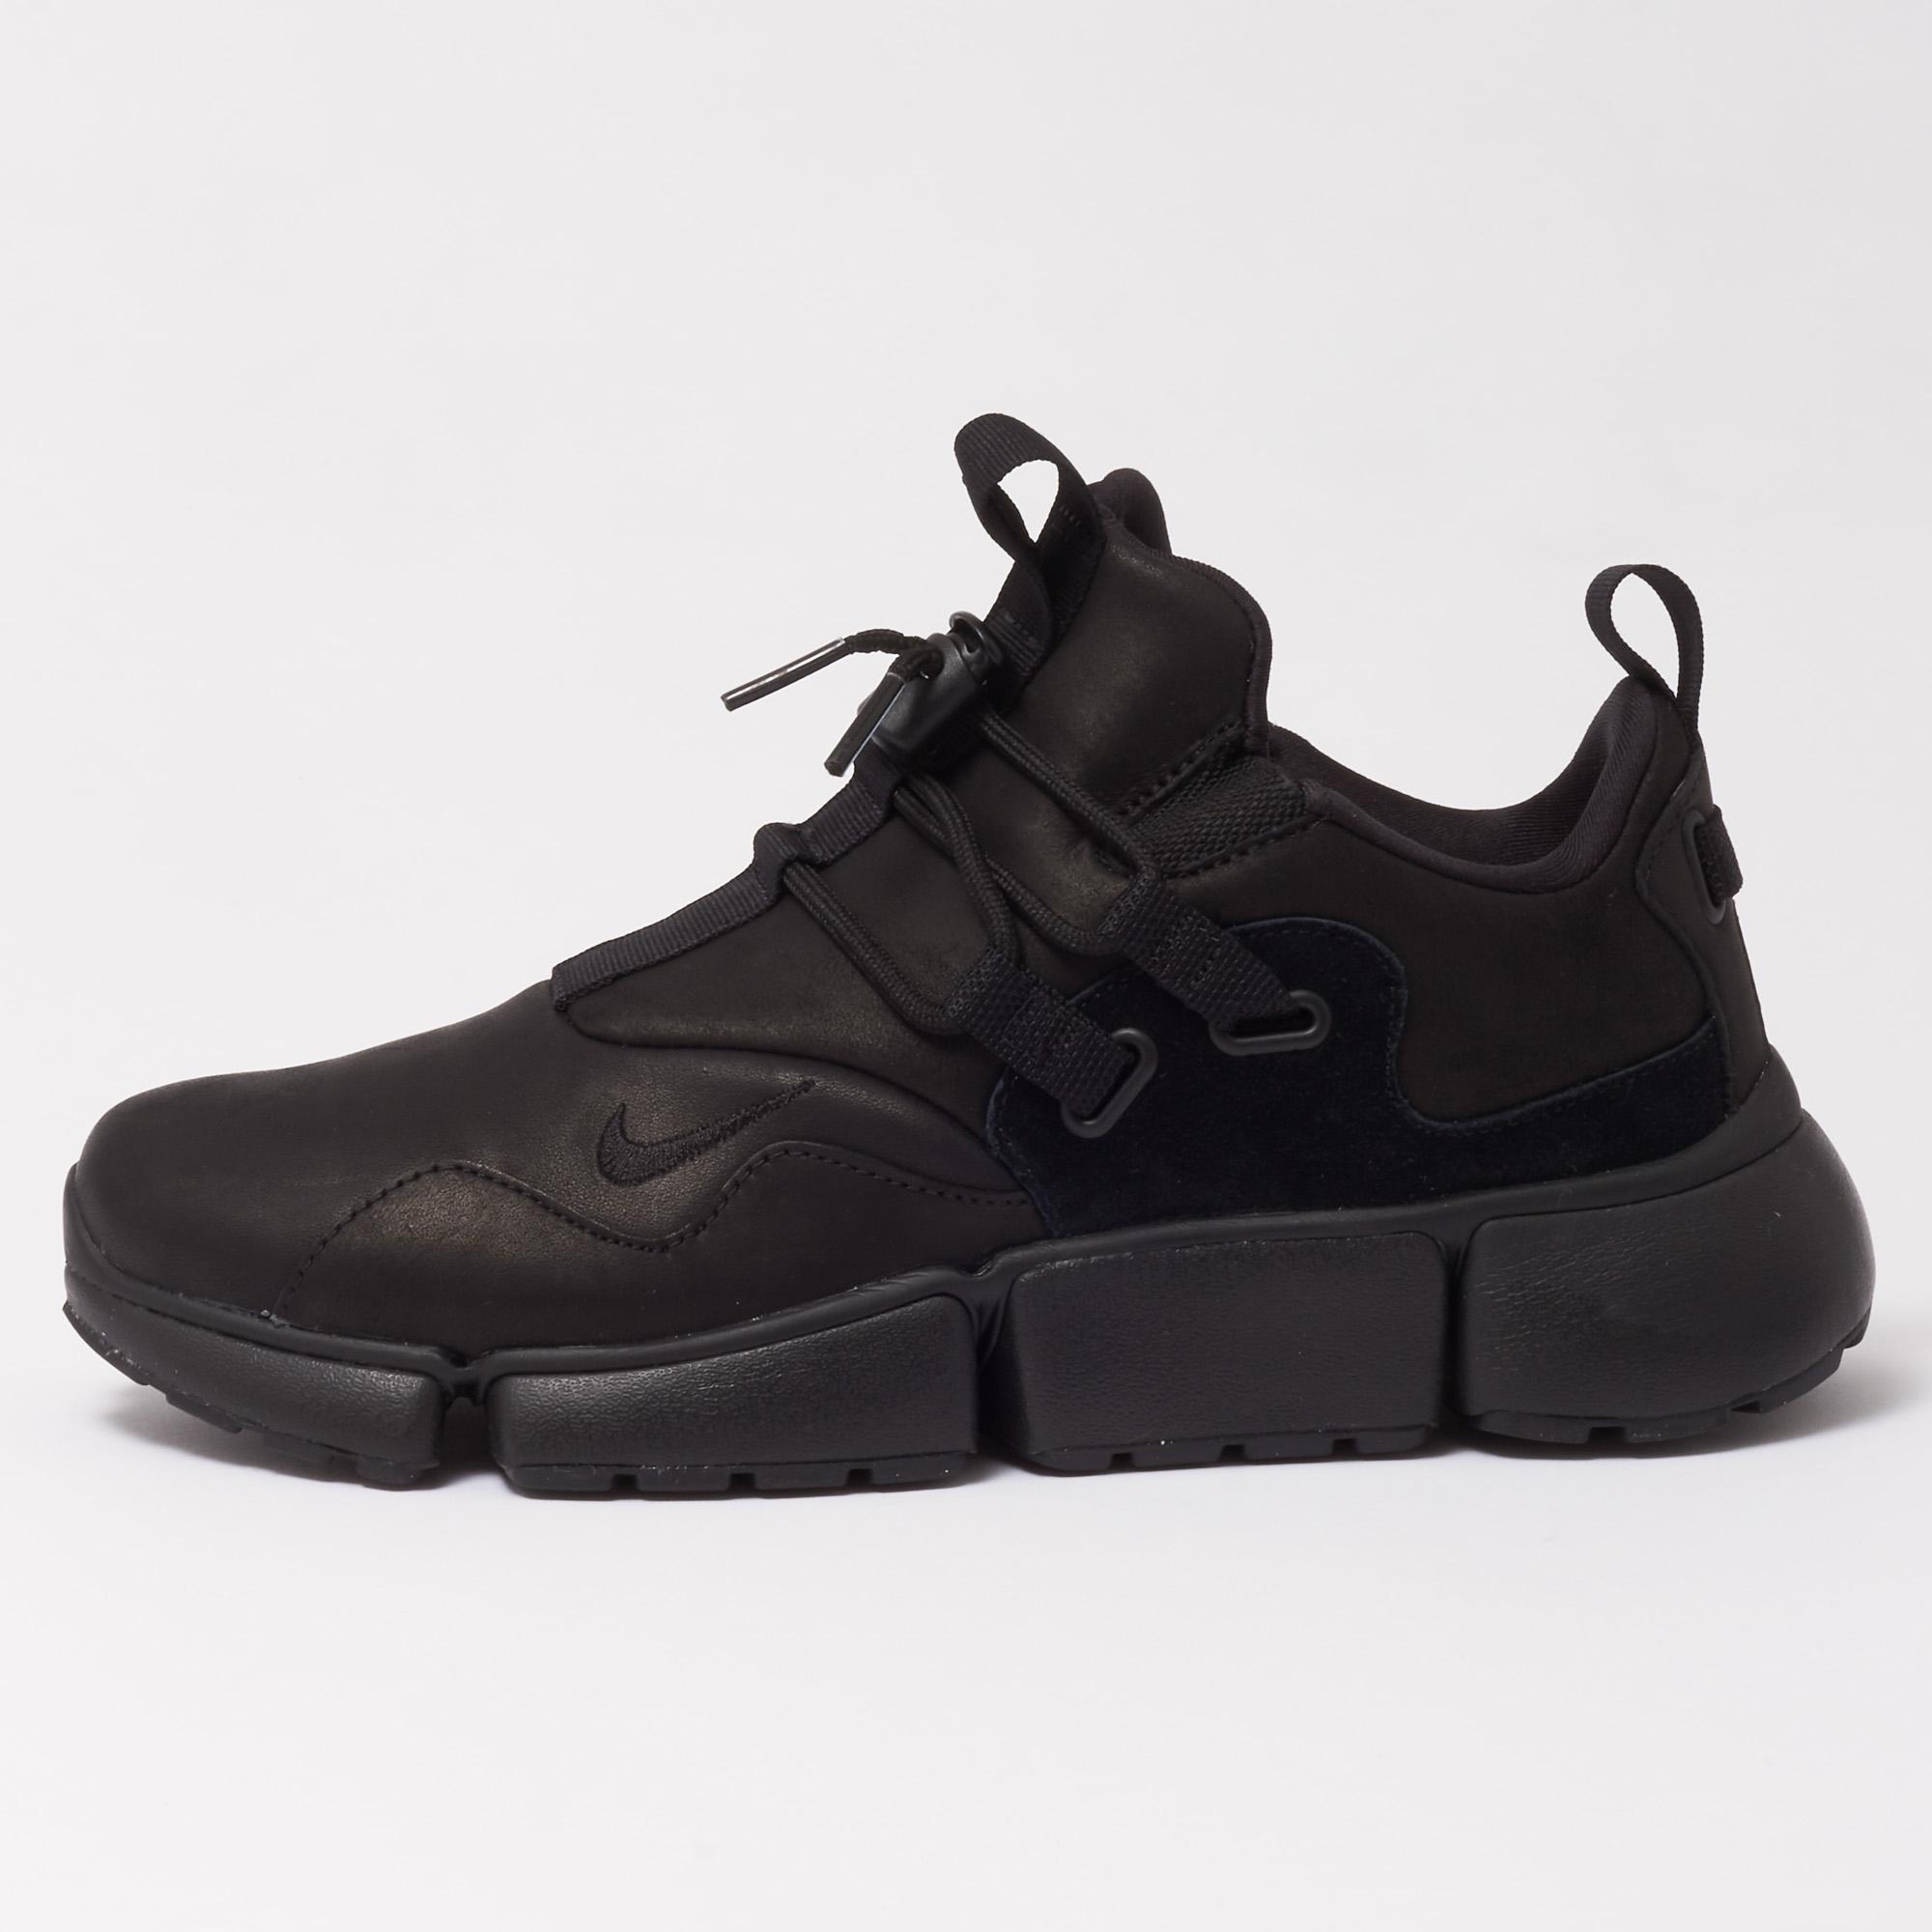 58cae7c45f4e Lyst - Nike Pocketknife Dm Ltr - Black in Black for Men